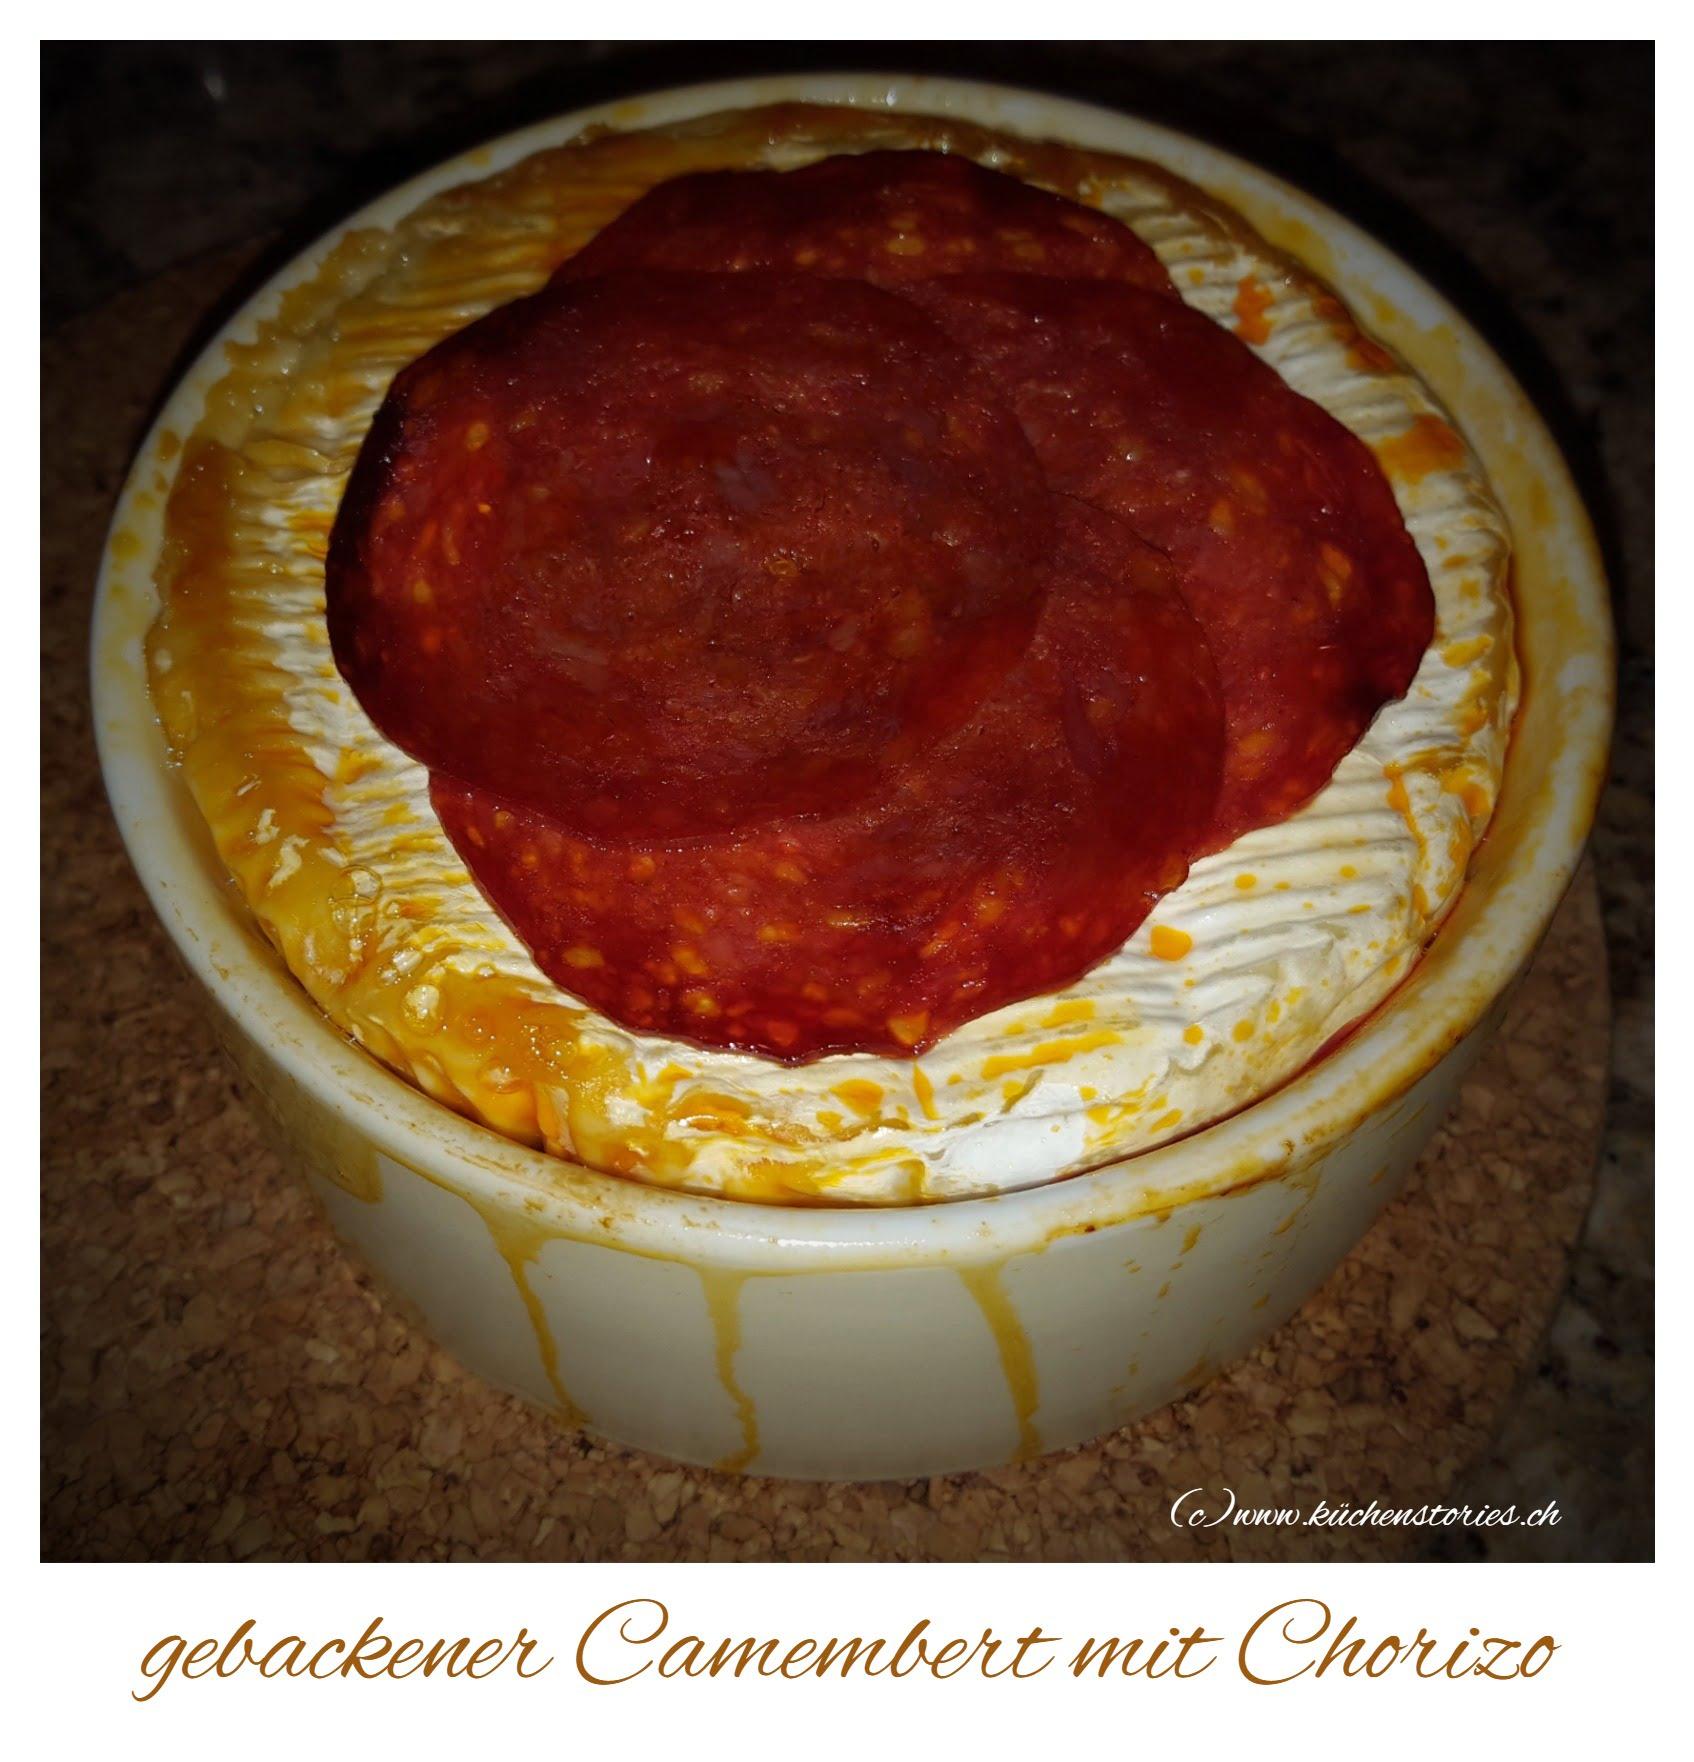 Gebackener Camembert mit Chorizo